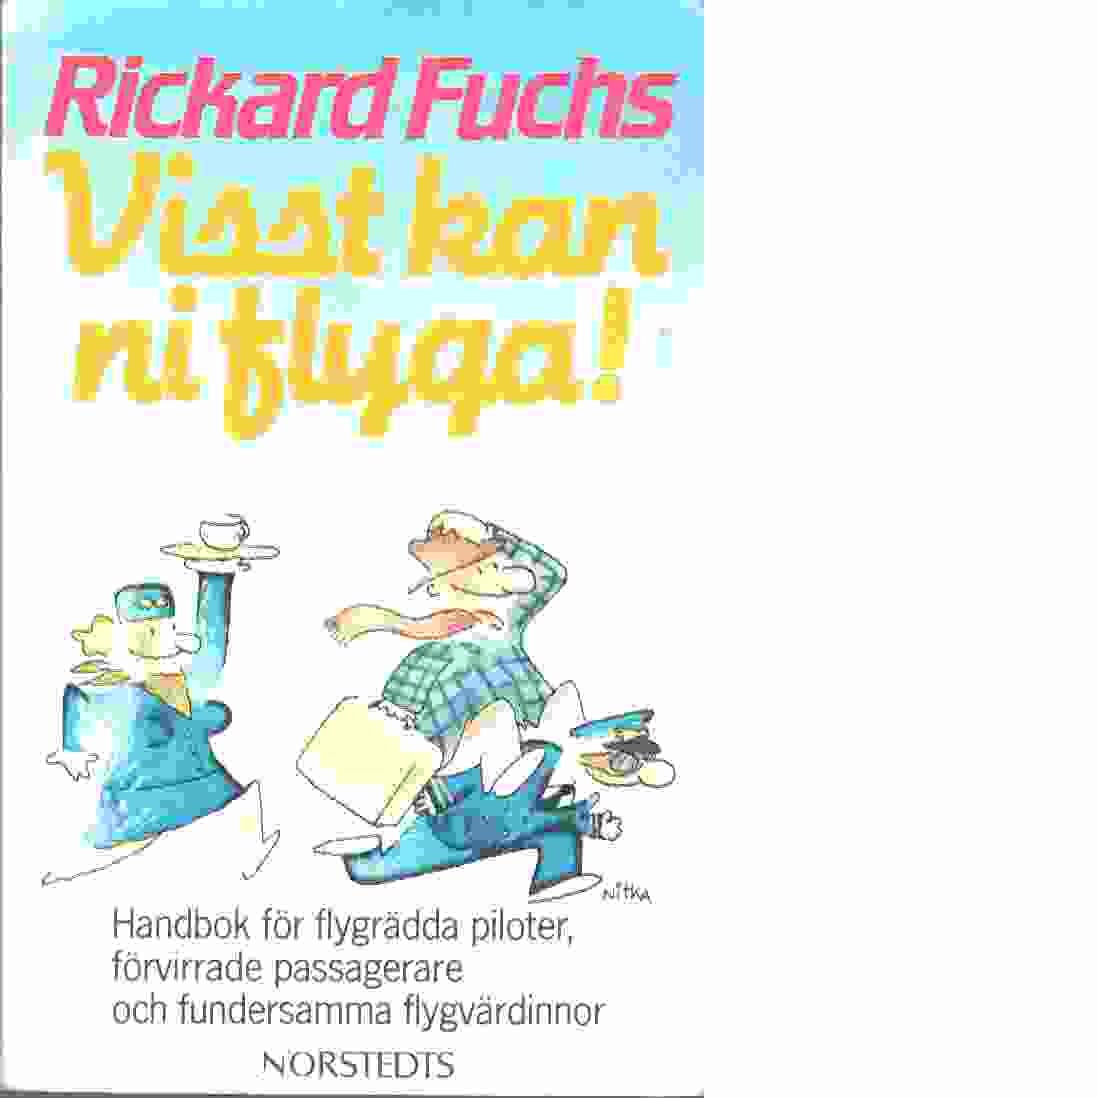 Visst kan ni flyga! : handbok för flygrädda piloter, förvirrade passagerare och fundersamma flygvärdinnor - Fuchs, Rickard